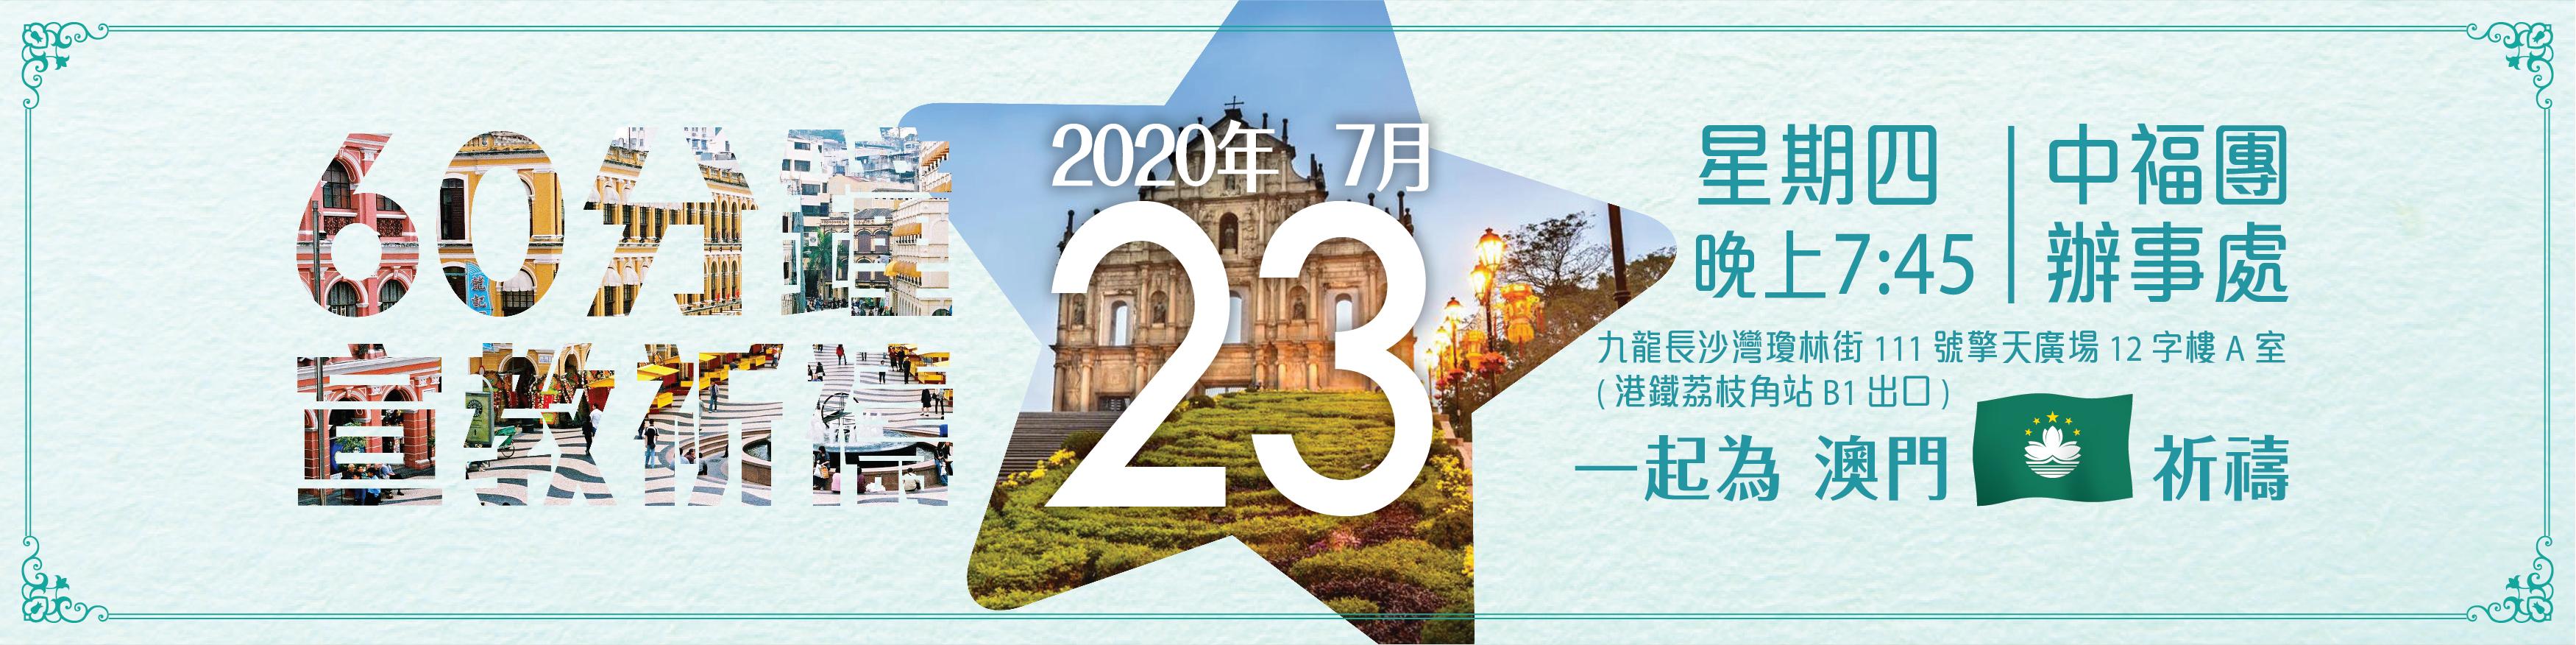 2020祈禱會-07